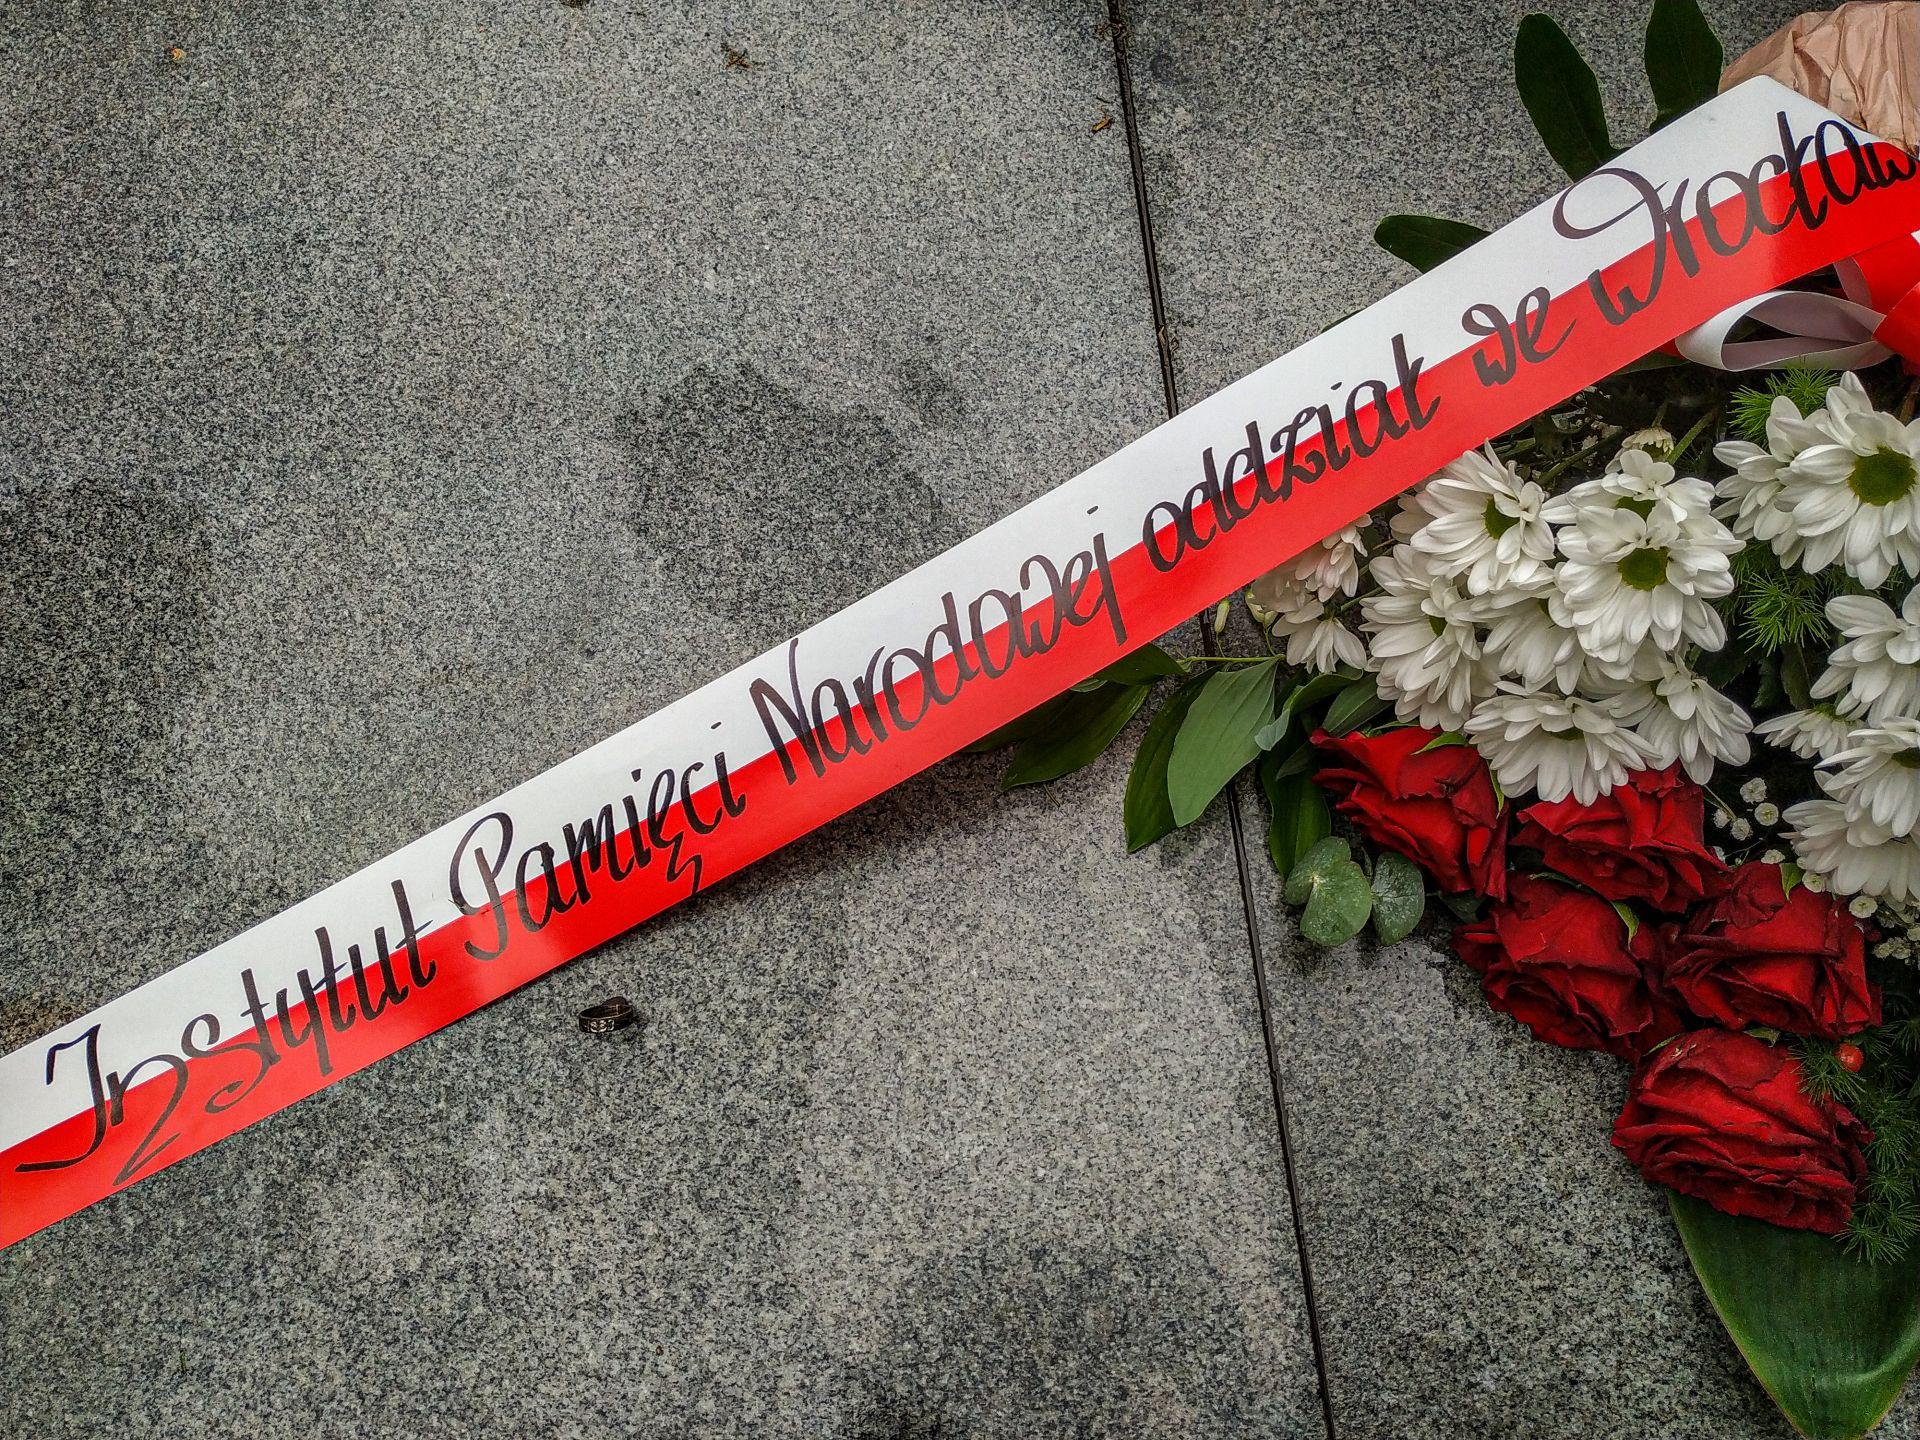 Pomnik Pileckiego we Wrocławiu